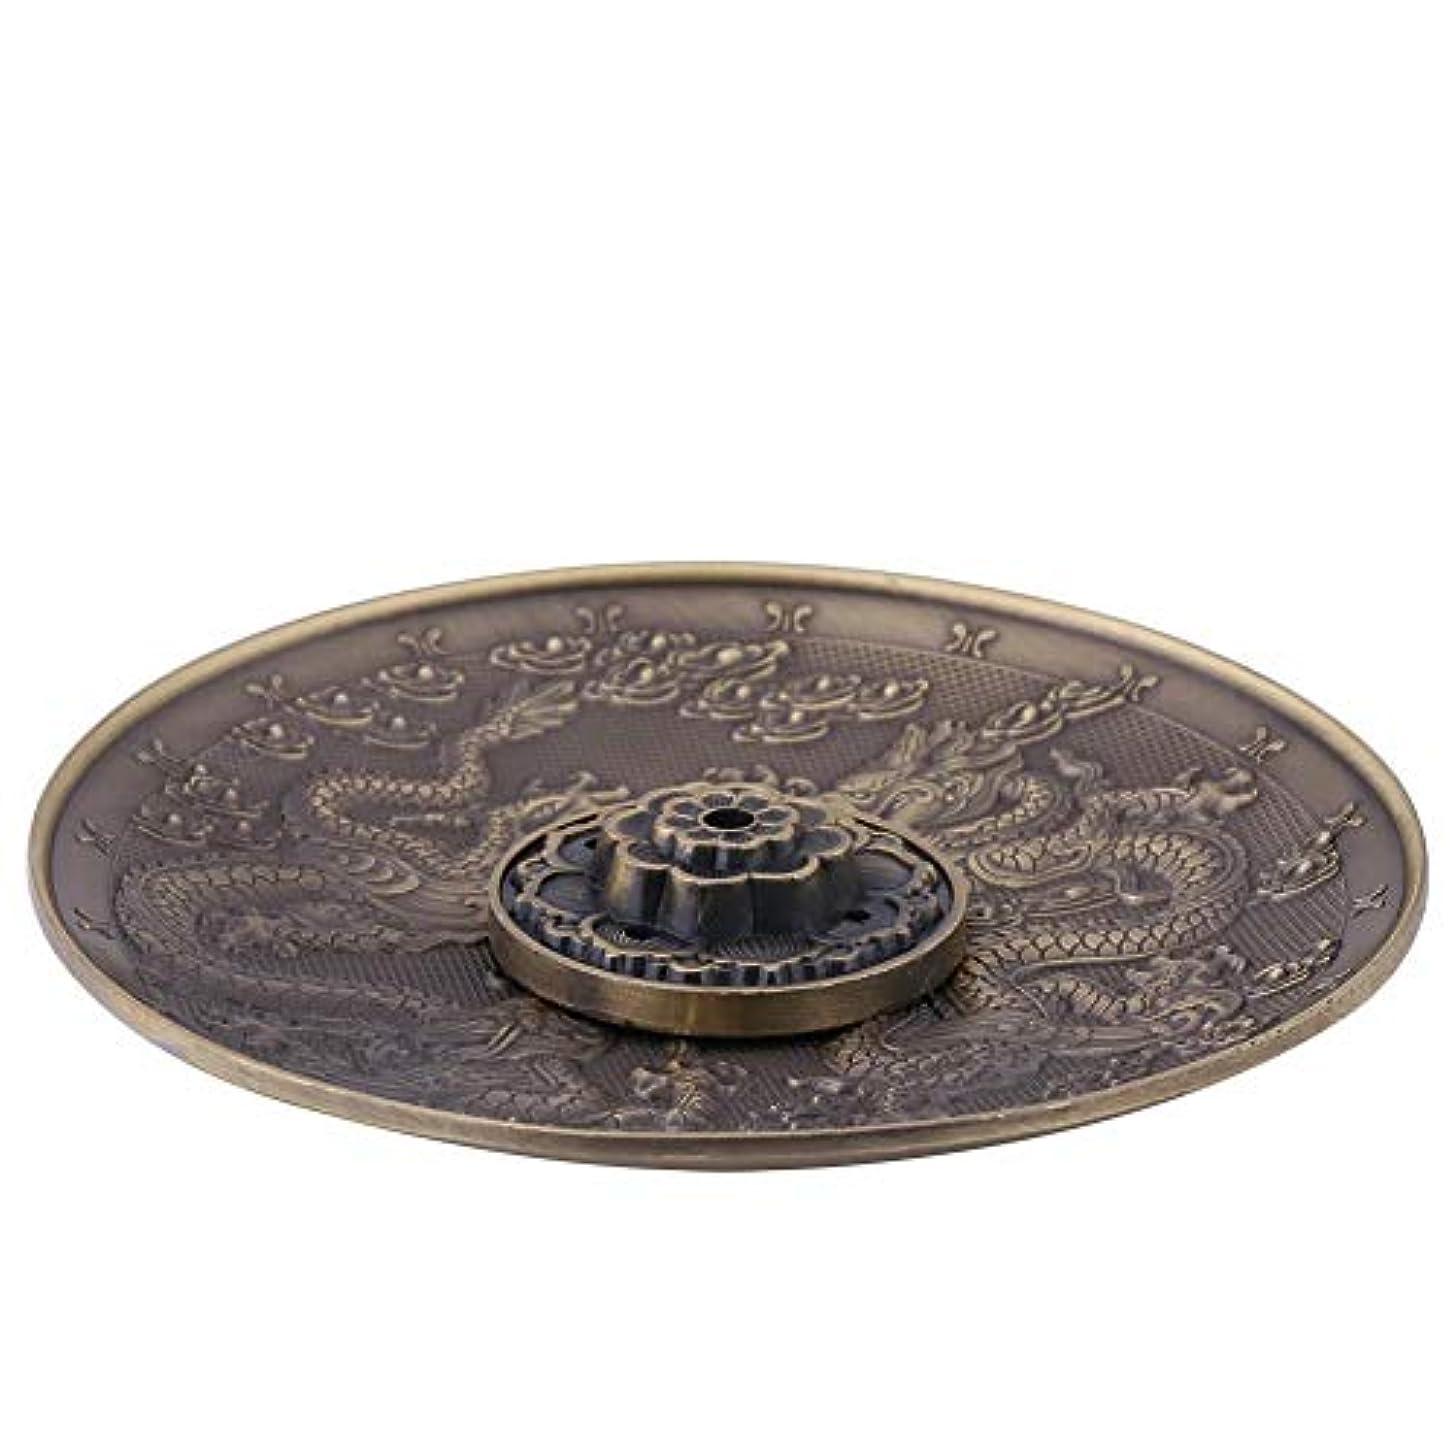 フィヨルド言語学原点金属バーナーホルダー5穴亜鉛合金の香りバーナーホルダー 寝室の寺院の装飾 ドラゴンパターンの香炉プレート(#2)